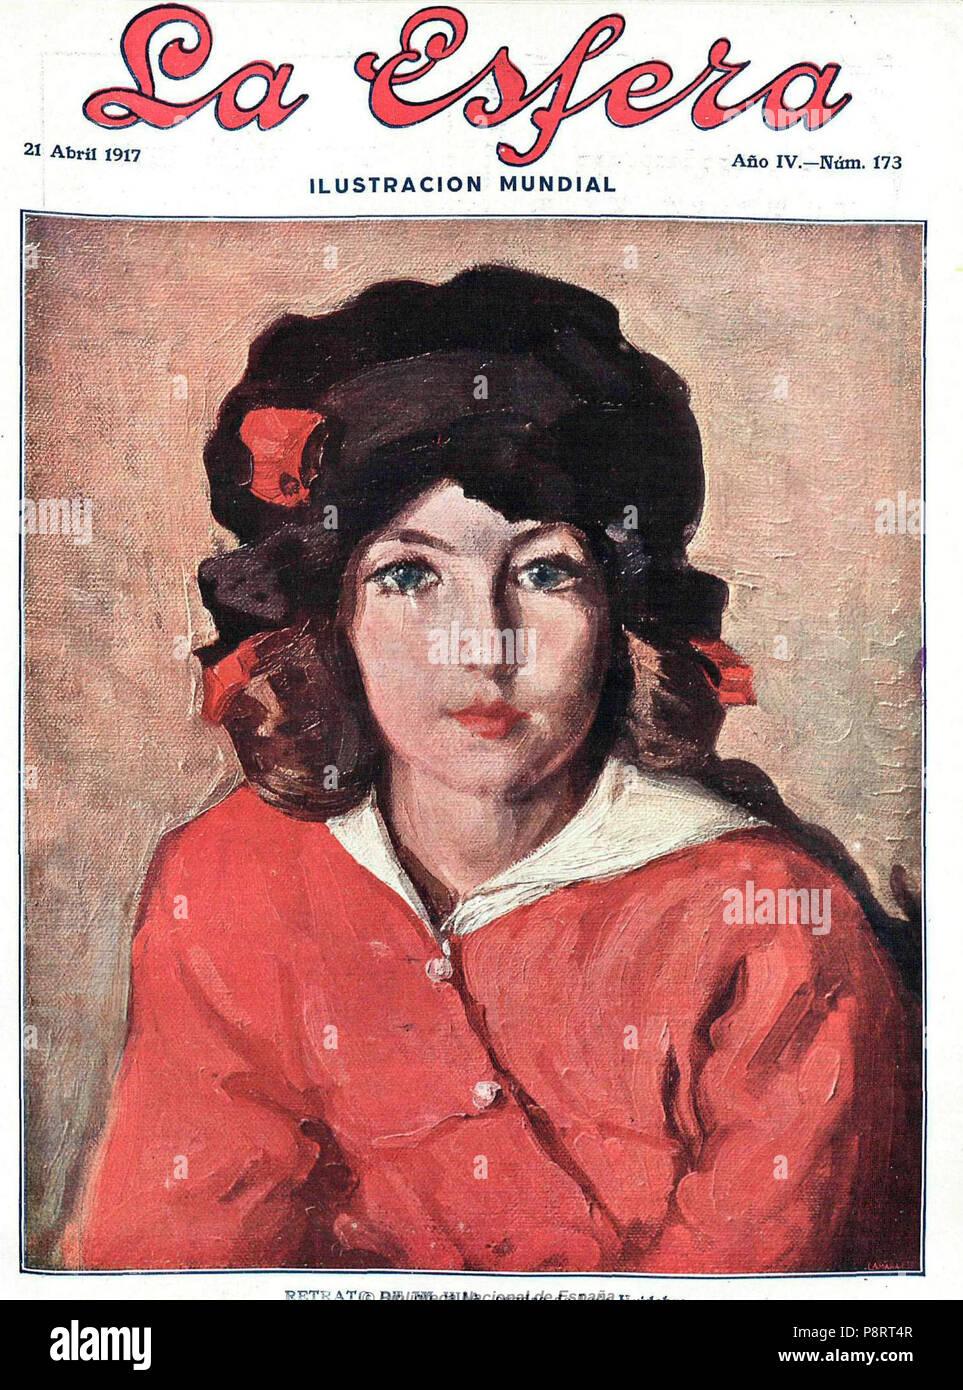 . 16 1917-04-21, La Esfera, el retrato de mi hija, Luis Huidobro Imagen De Stock